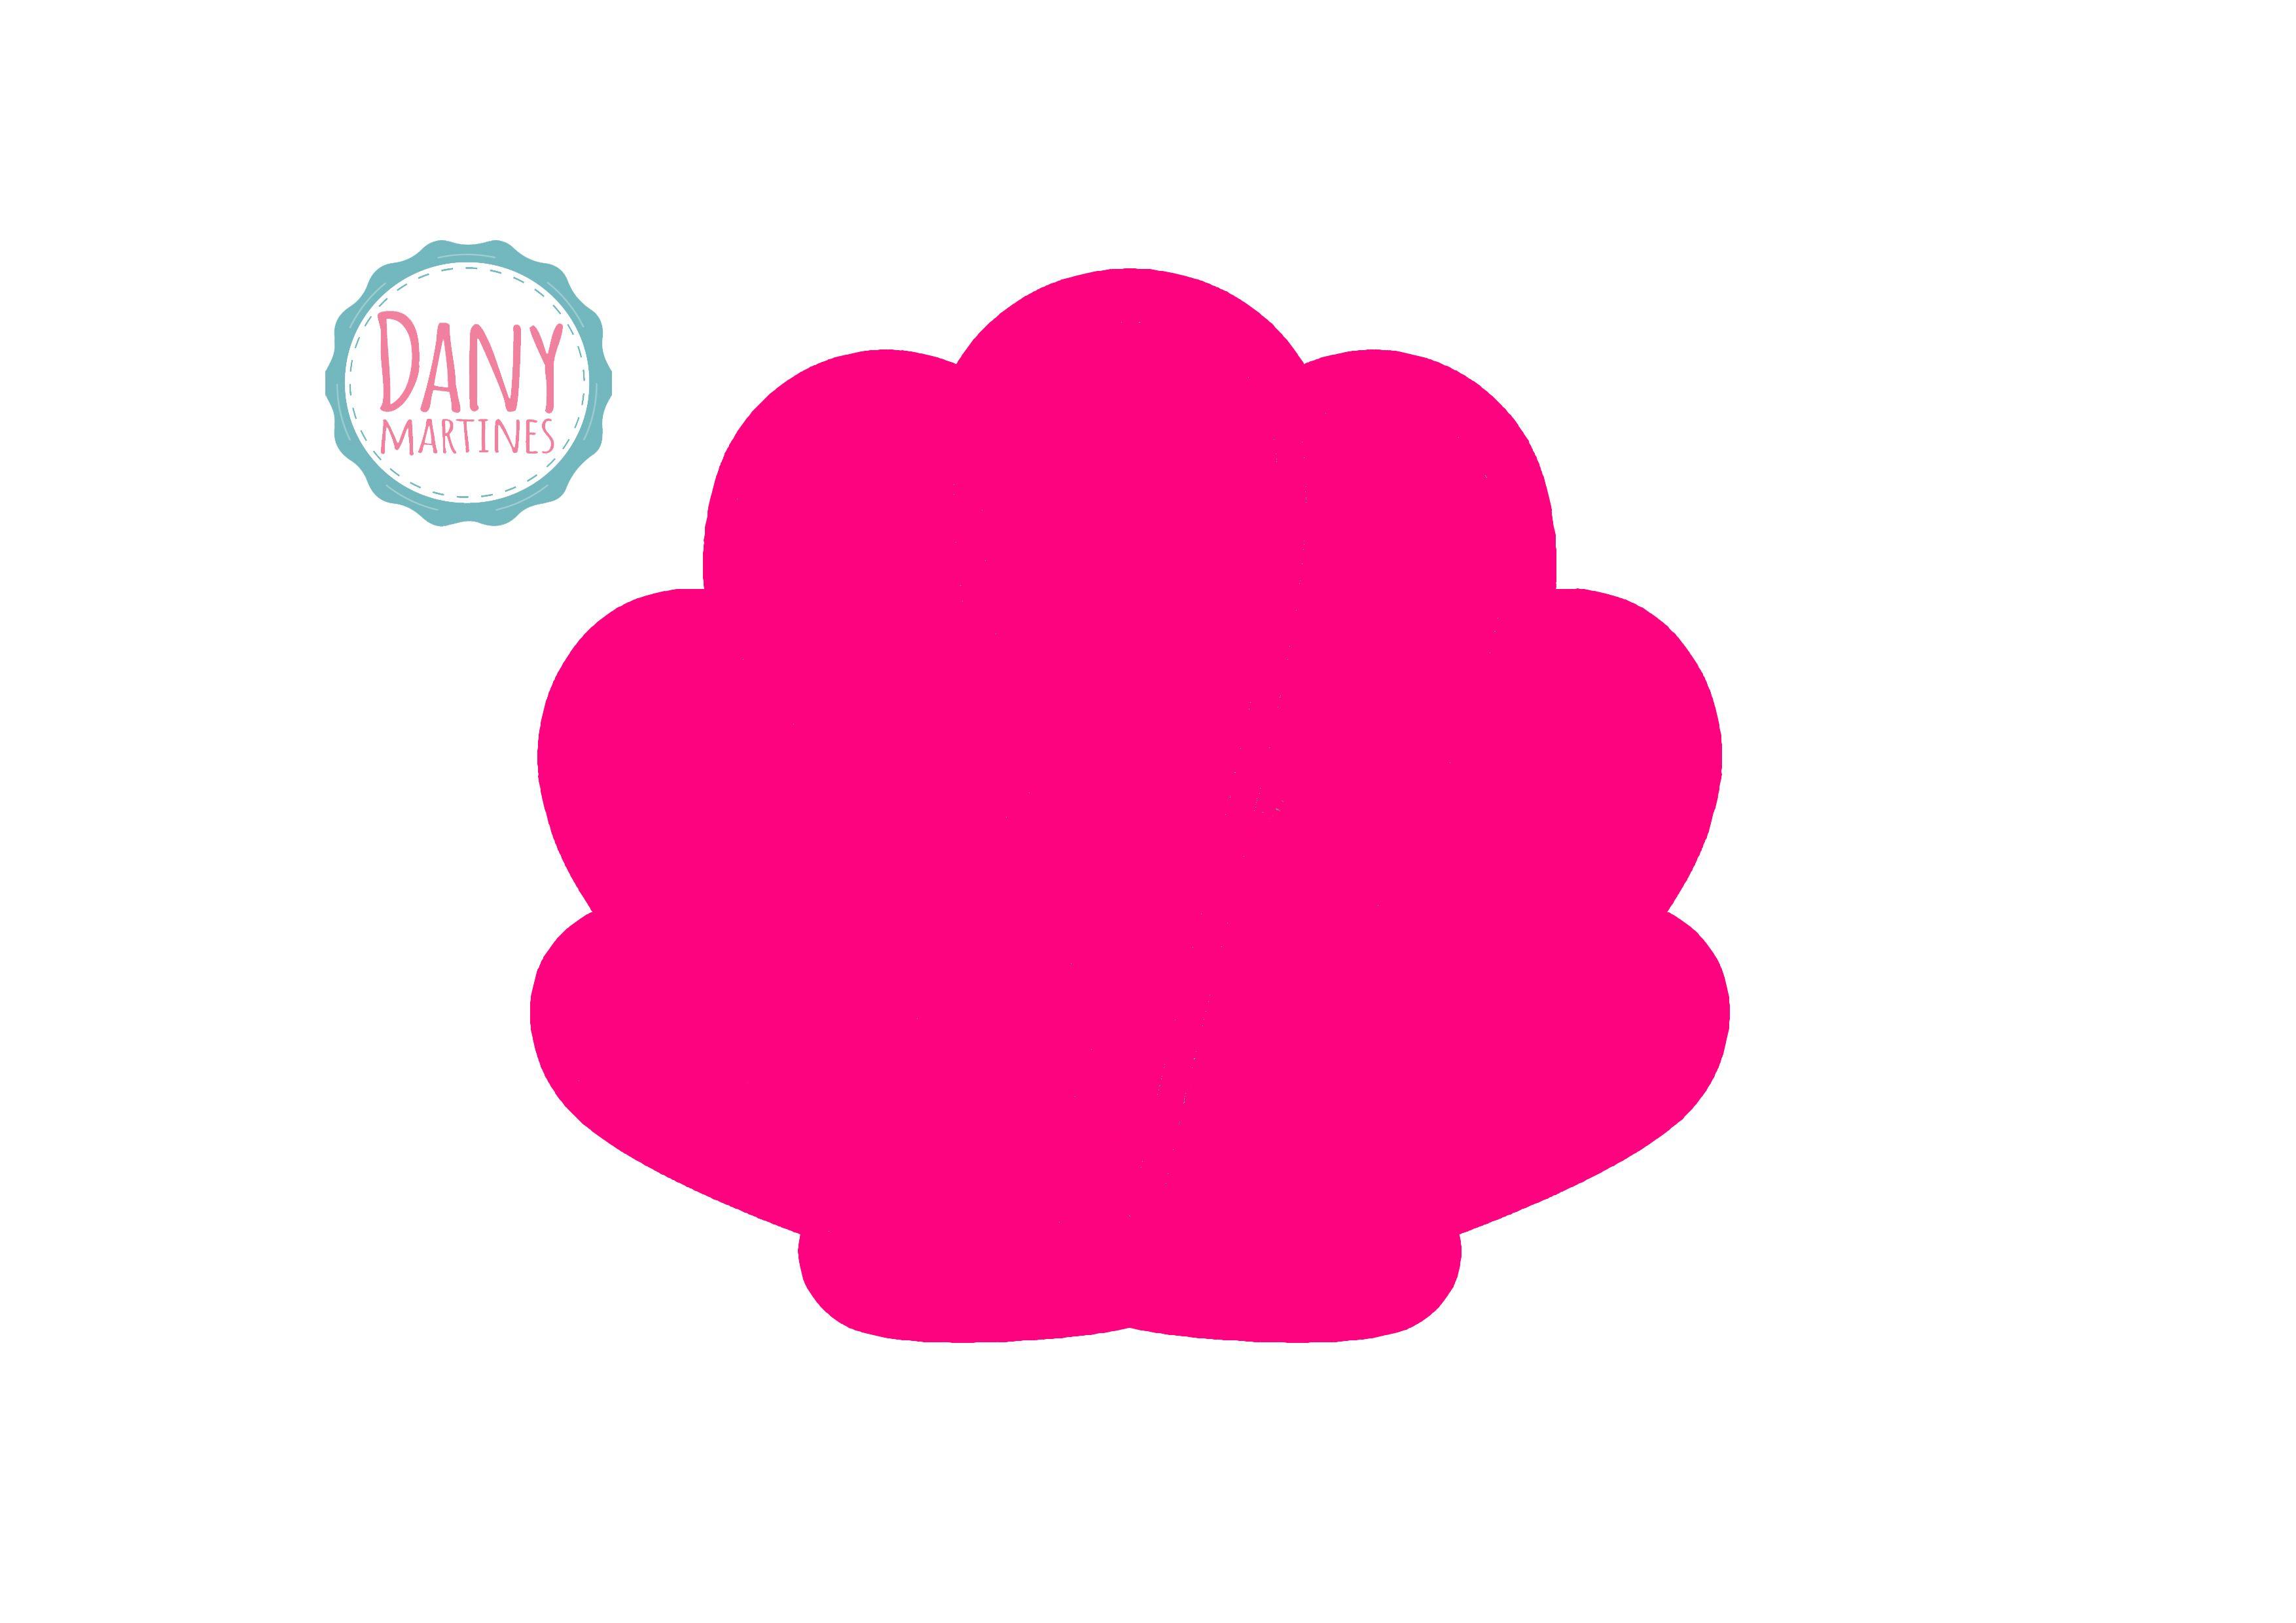 Concha Rosa para Porta Pincéis  4fea2fc0a95